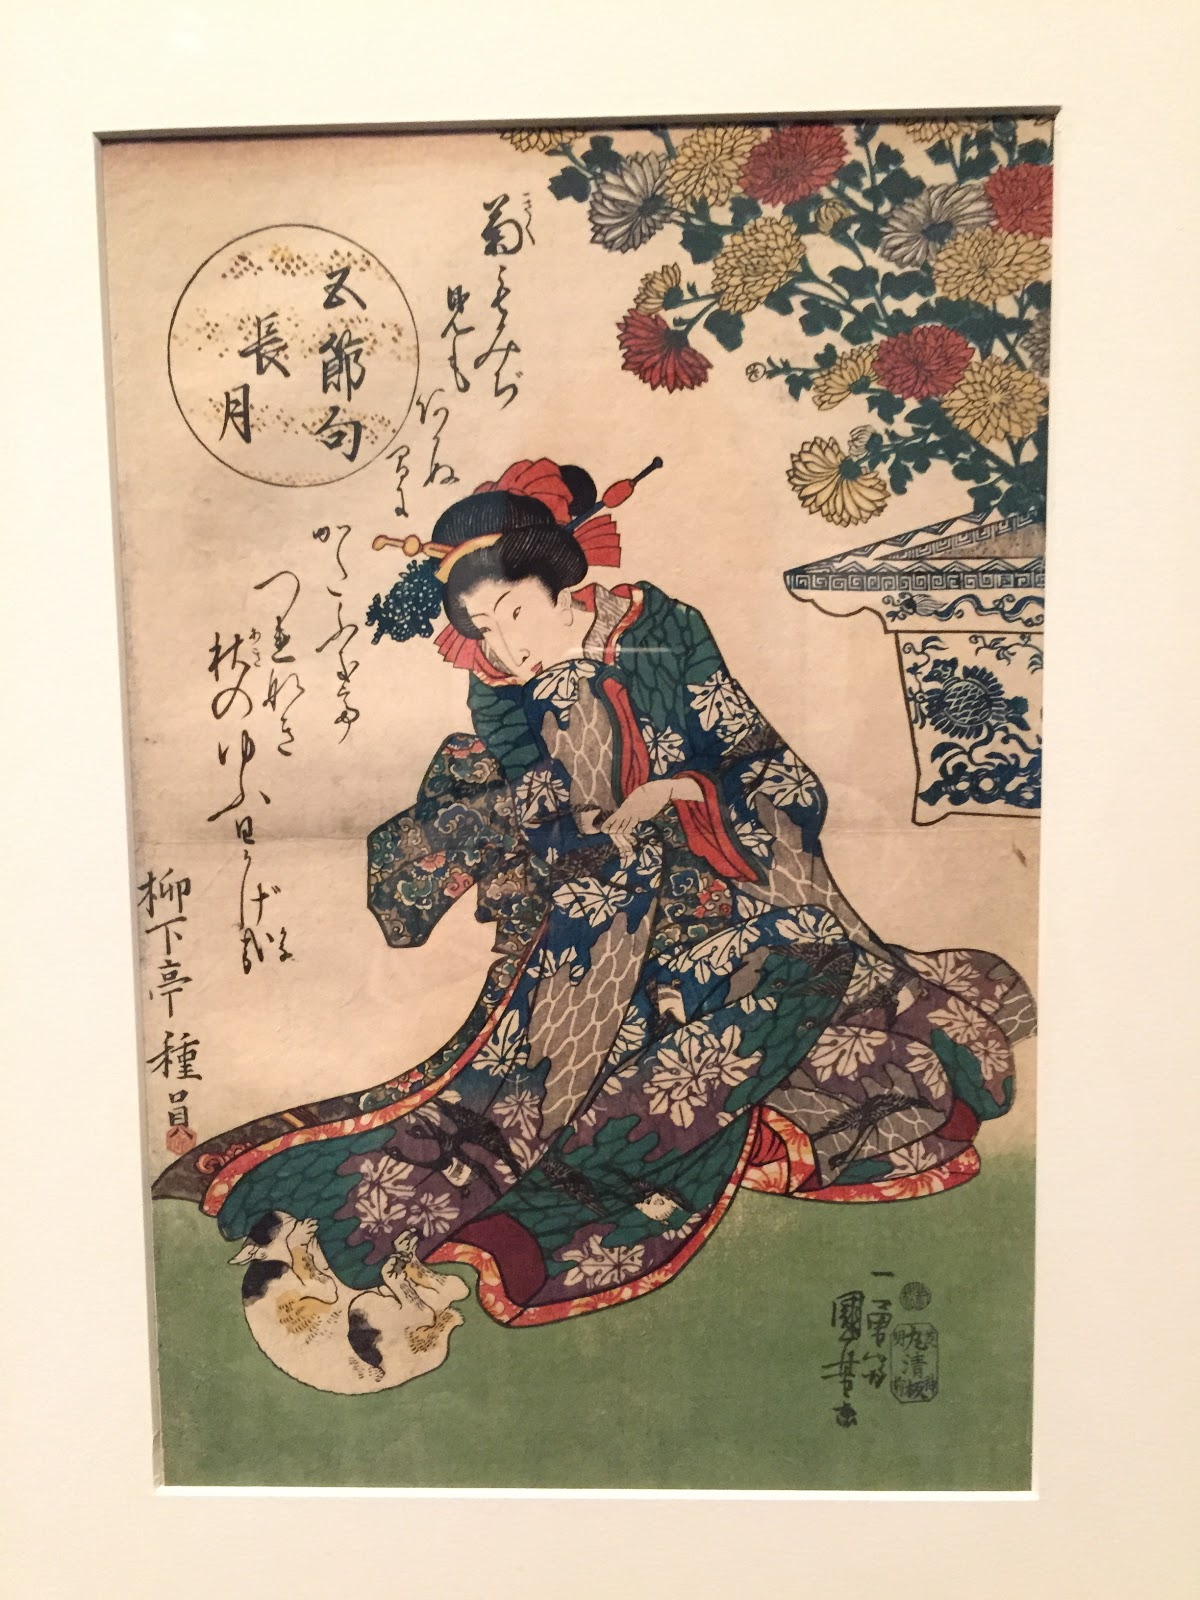 usa in wonderland: 江戸時代の猫好きに邂逅!nyジャパンソサエティー